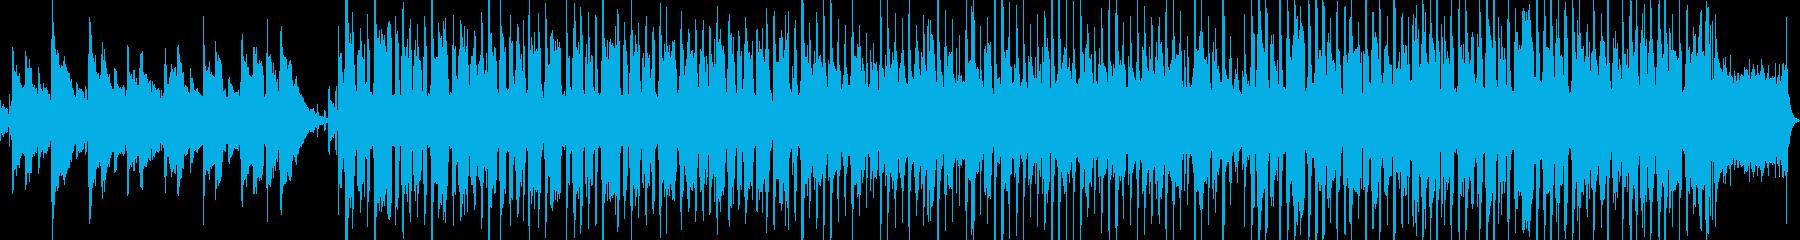 ハッピーバースデー ジャズアレンジの再生済みの波形